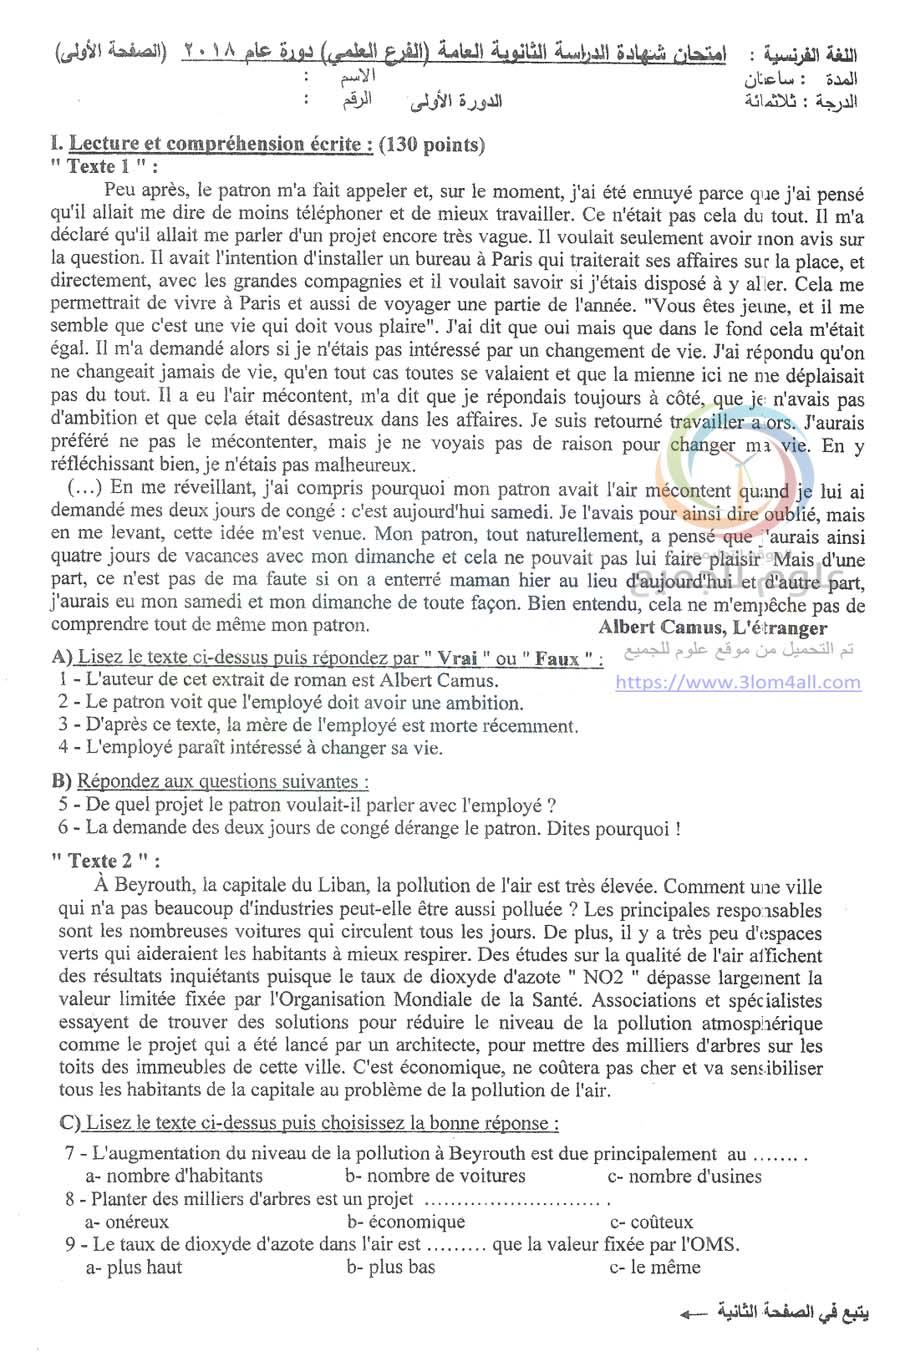 ورقة اسئلة اللغة الفرنسية الدورة الأولى البكالوريا العلمي 2018 مع الحل